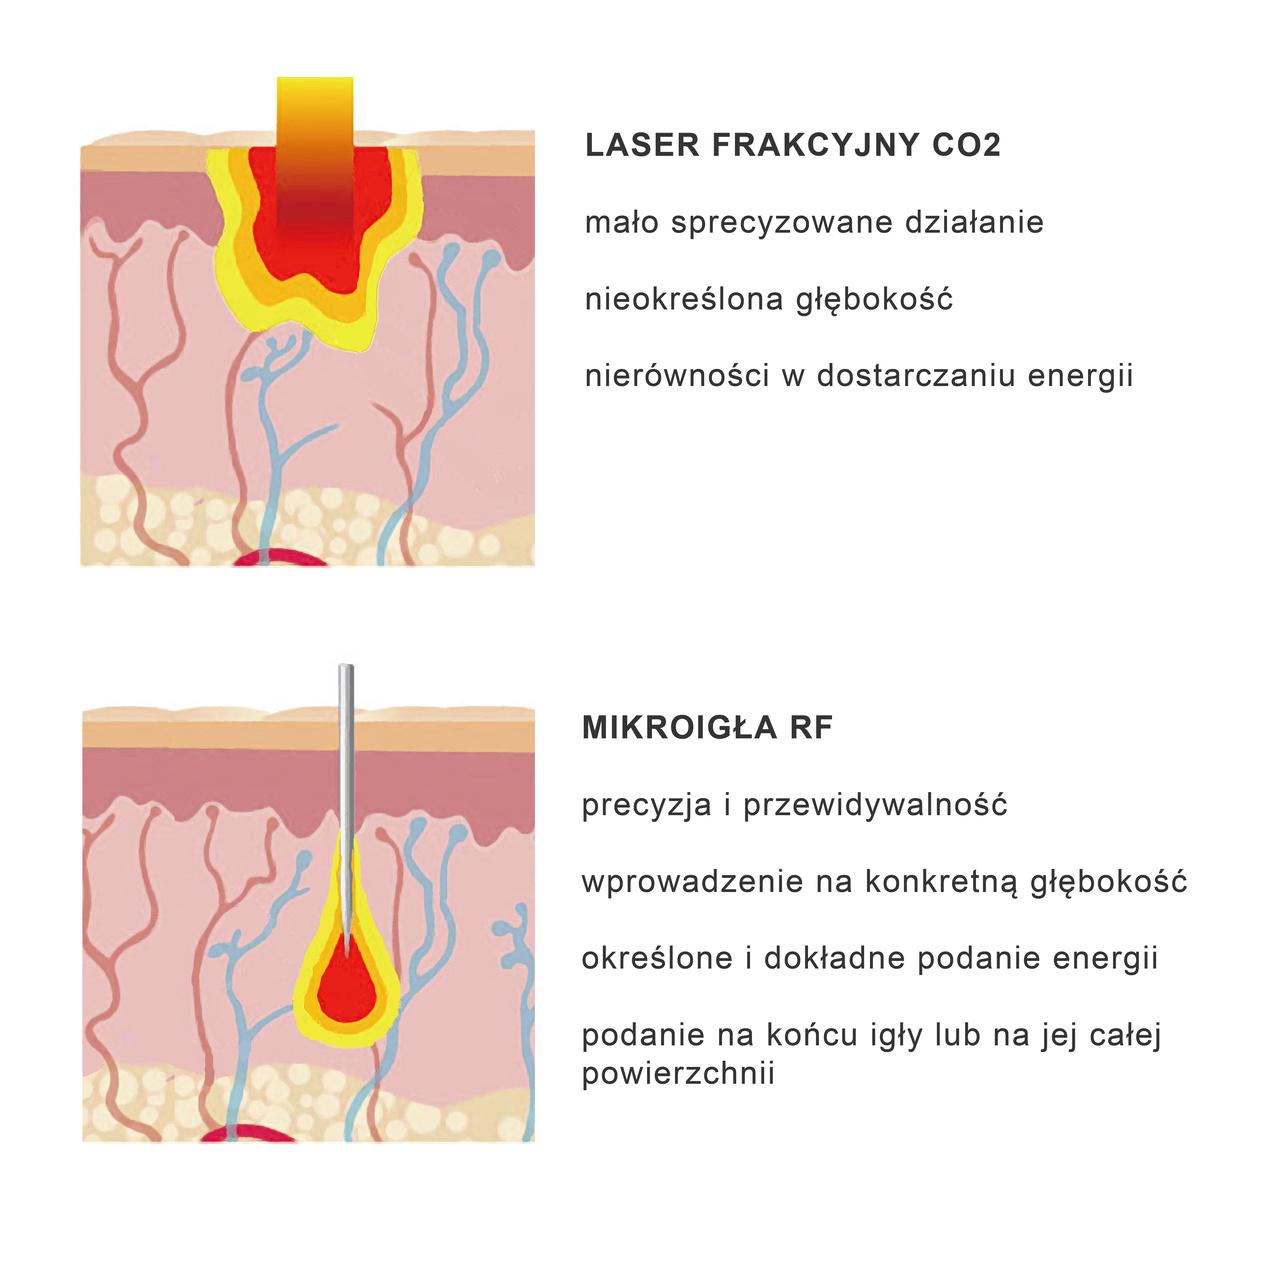 Laser konta mikroigłowy rf różnice